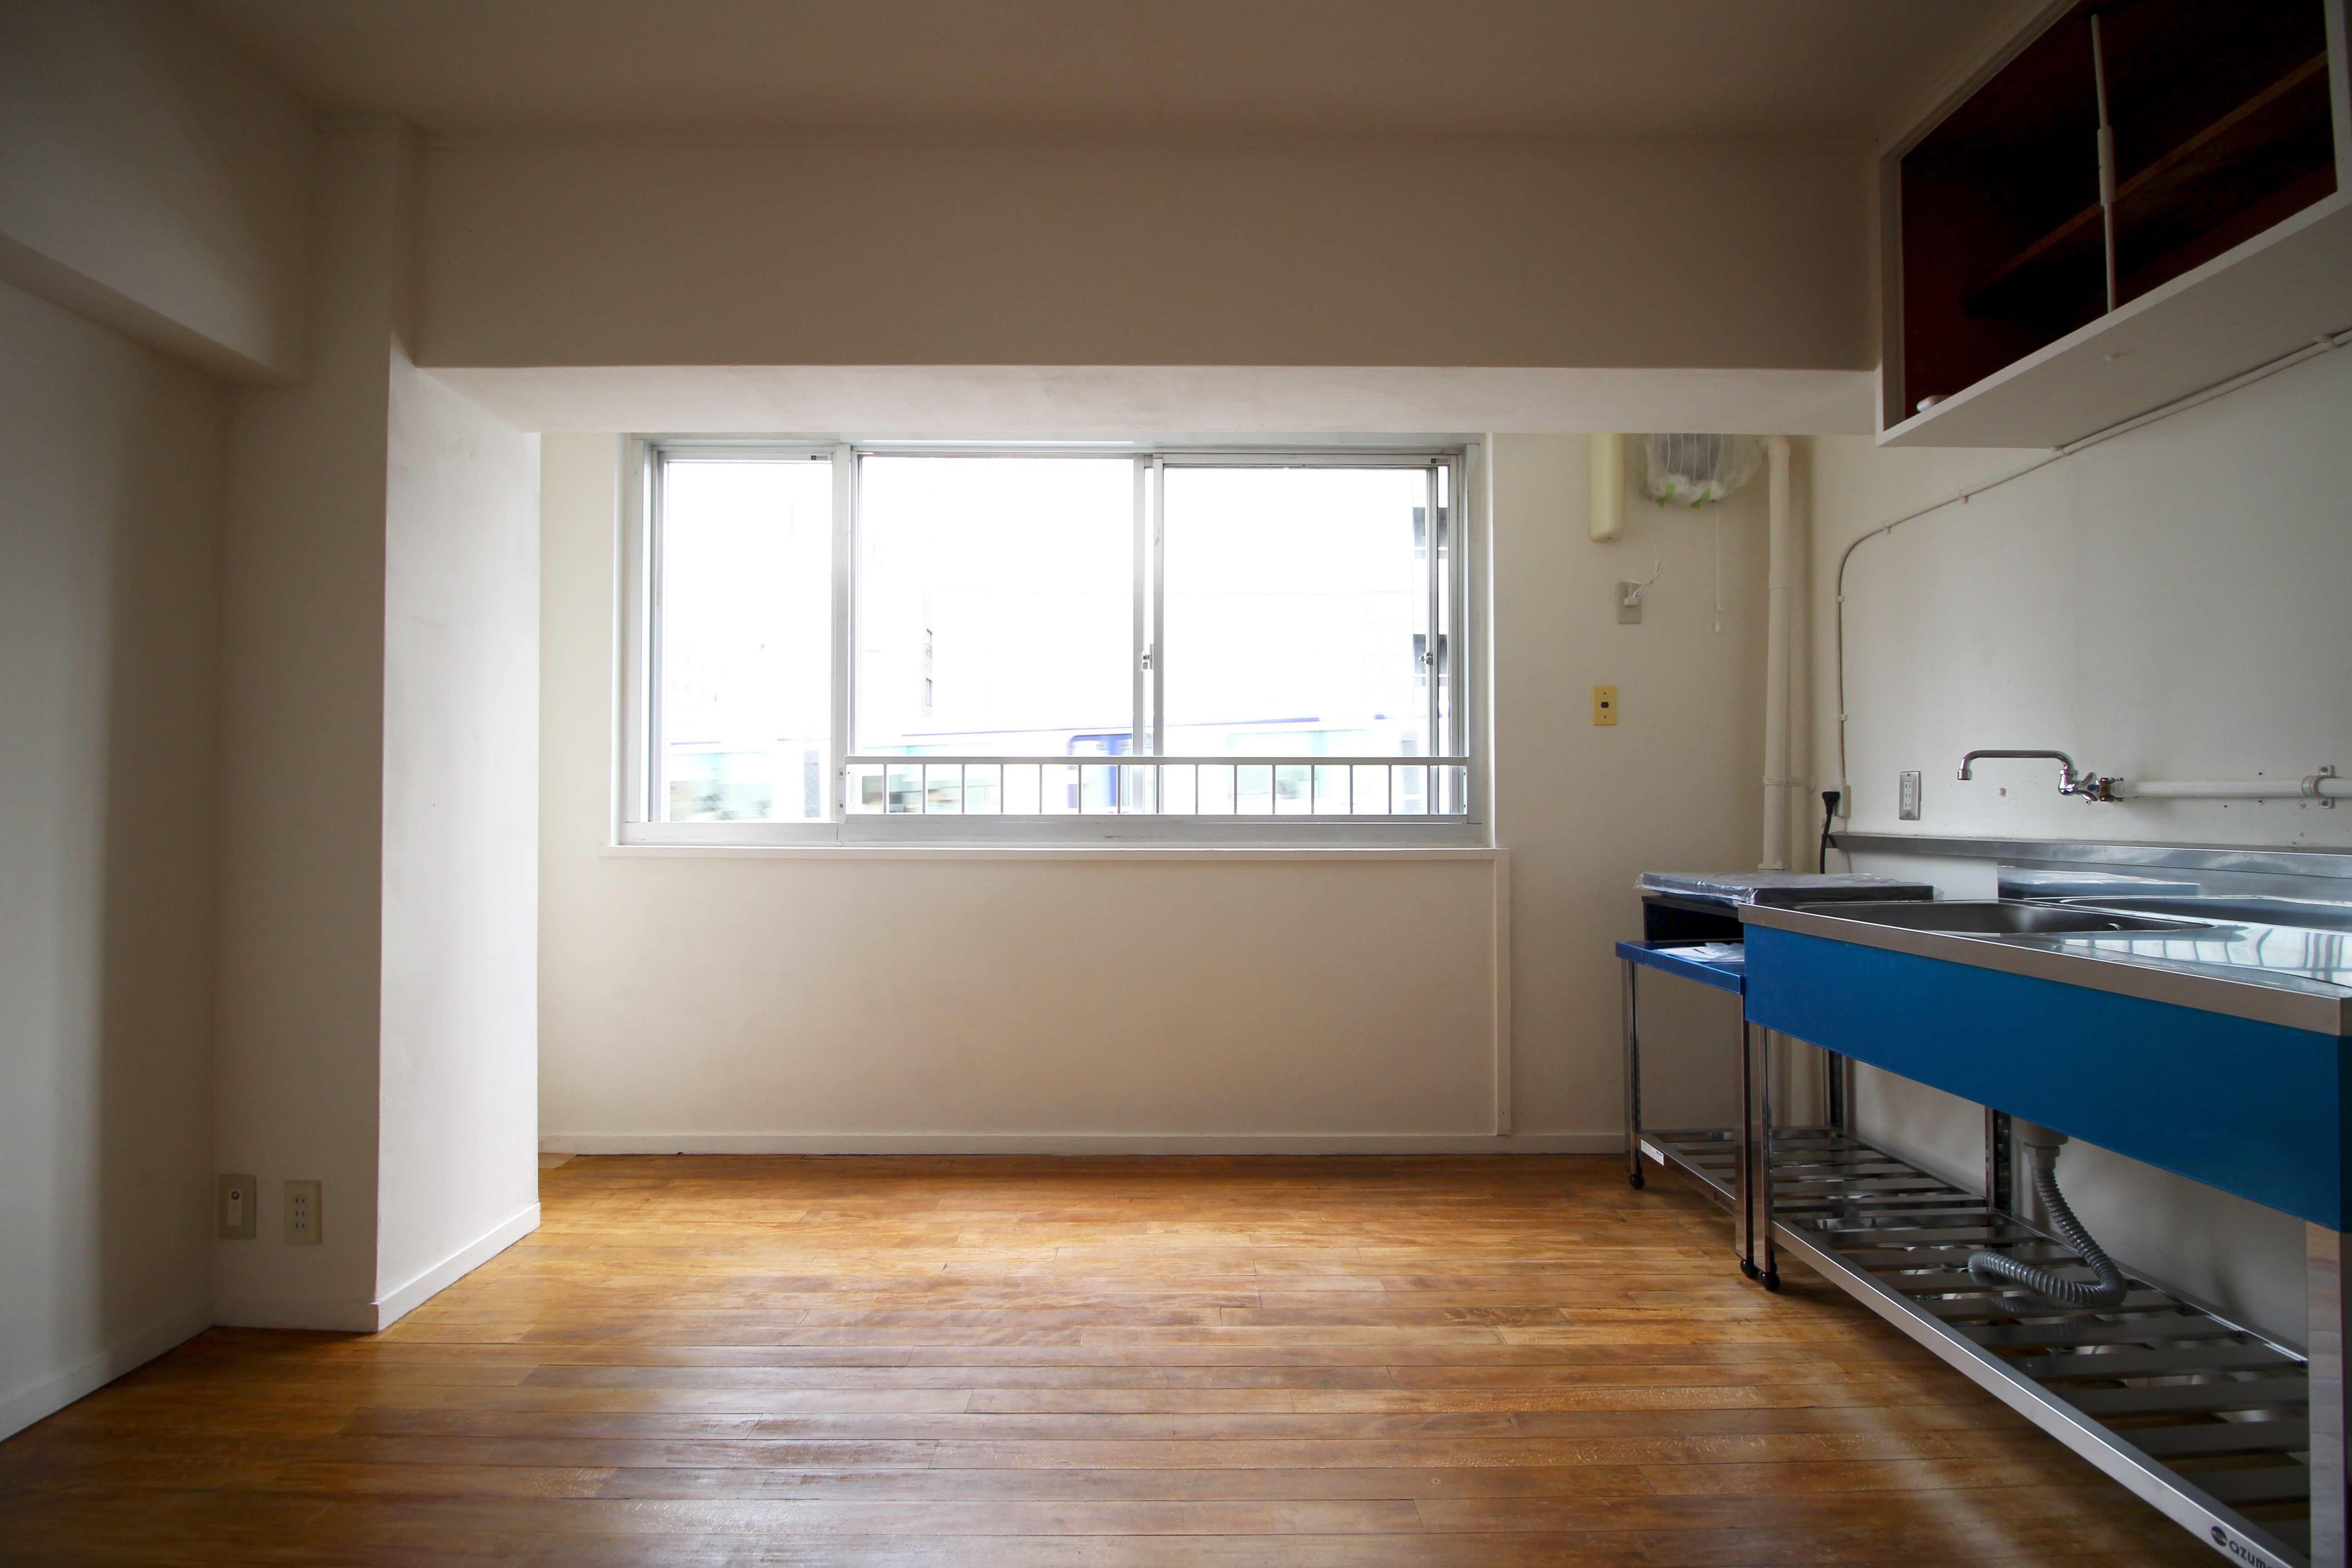 建築当時のブナ材の床にステンレスキッチンのLDK(青いのは新品時の保護シートです)